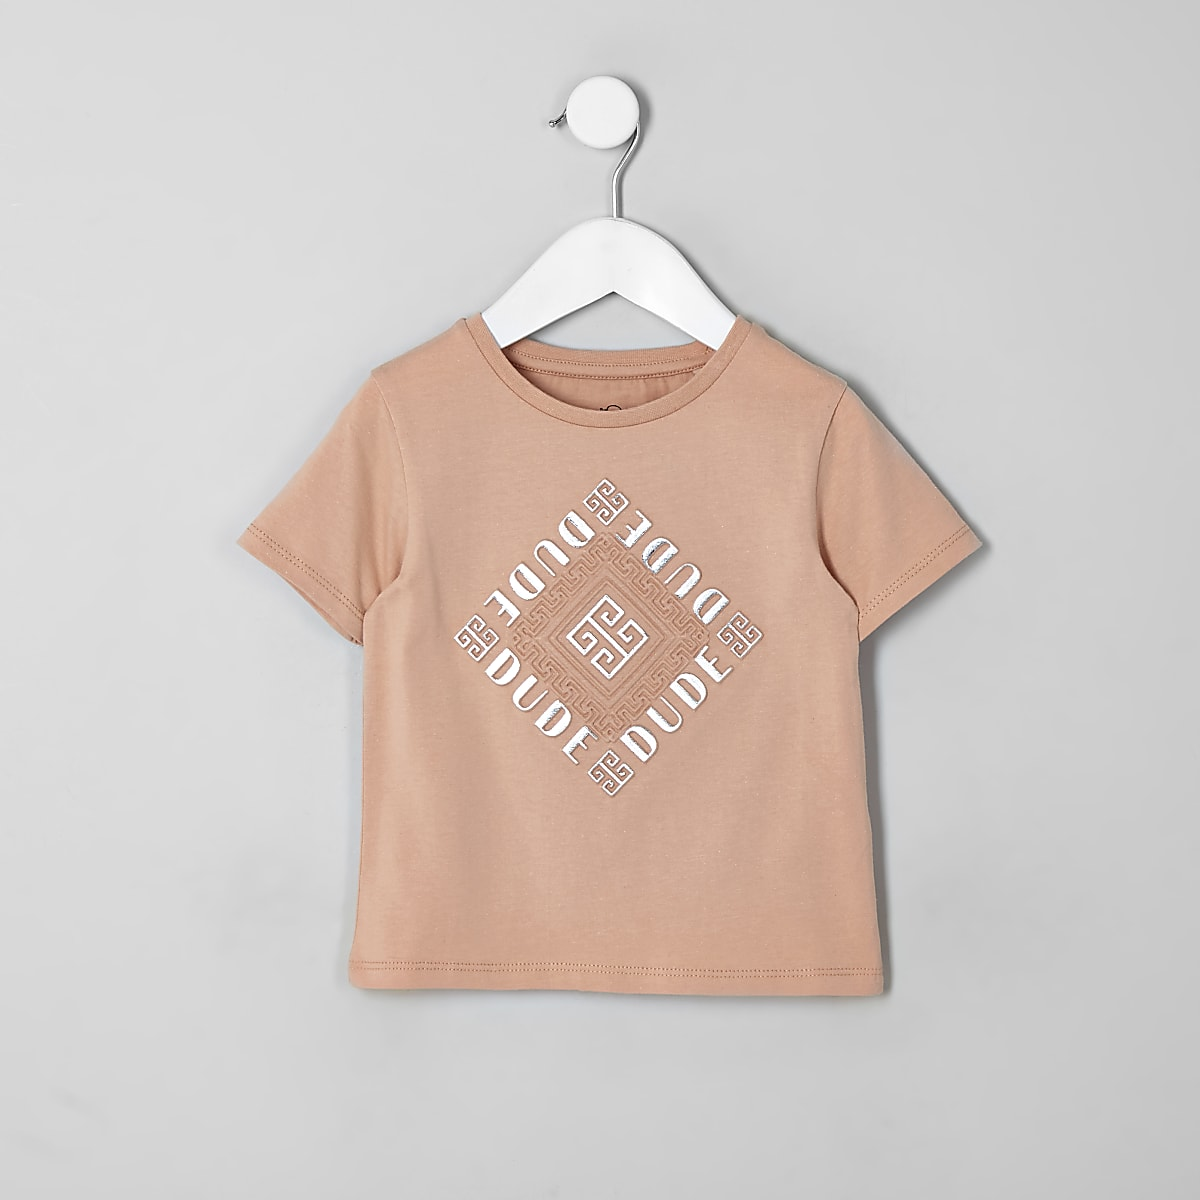 Mini - Roze T-shirt met folieprint en reliëf voor kinderen